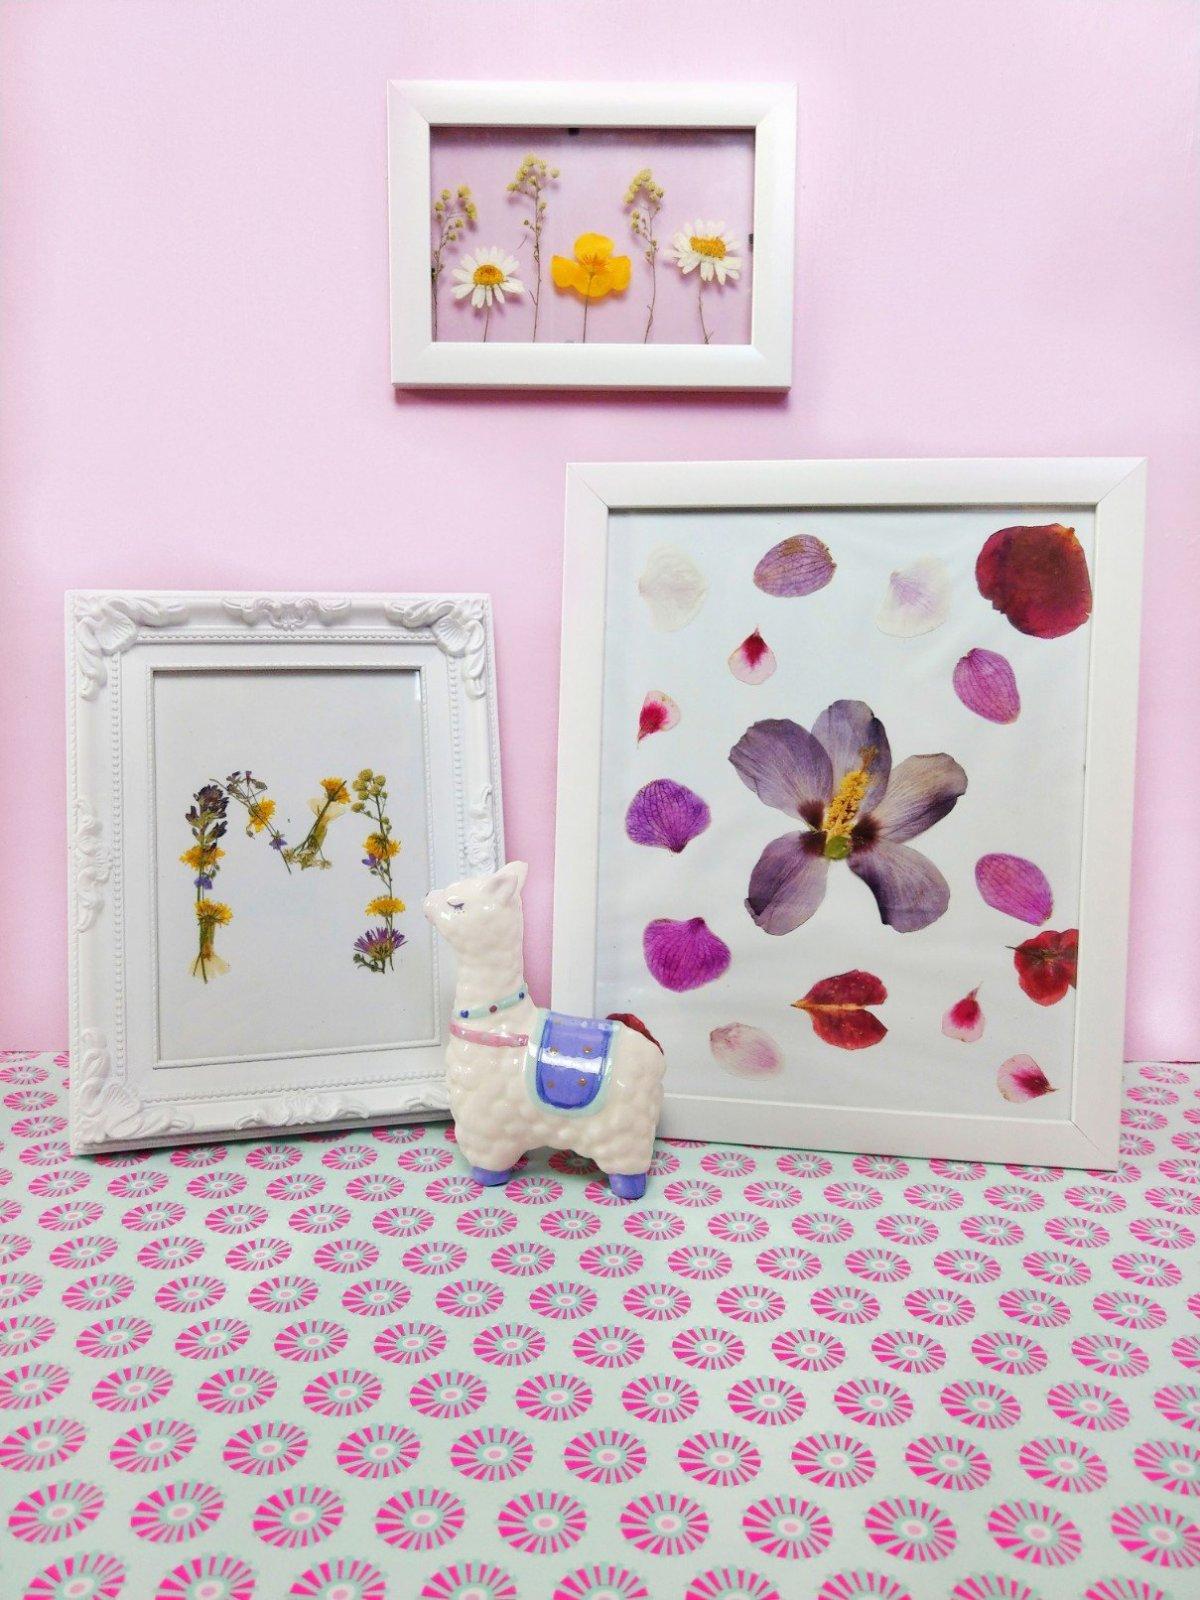 Hier zeige ich euch drei tolle Ideen mit getrockneten Blumen zum Selbermachen. Die Bilderrahmen könnt ihr ganz einfach mit euren Kindern basteln und habt ein tolles DIY Geschenk.